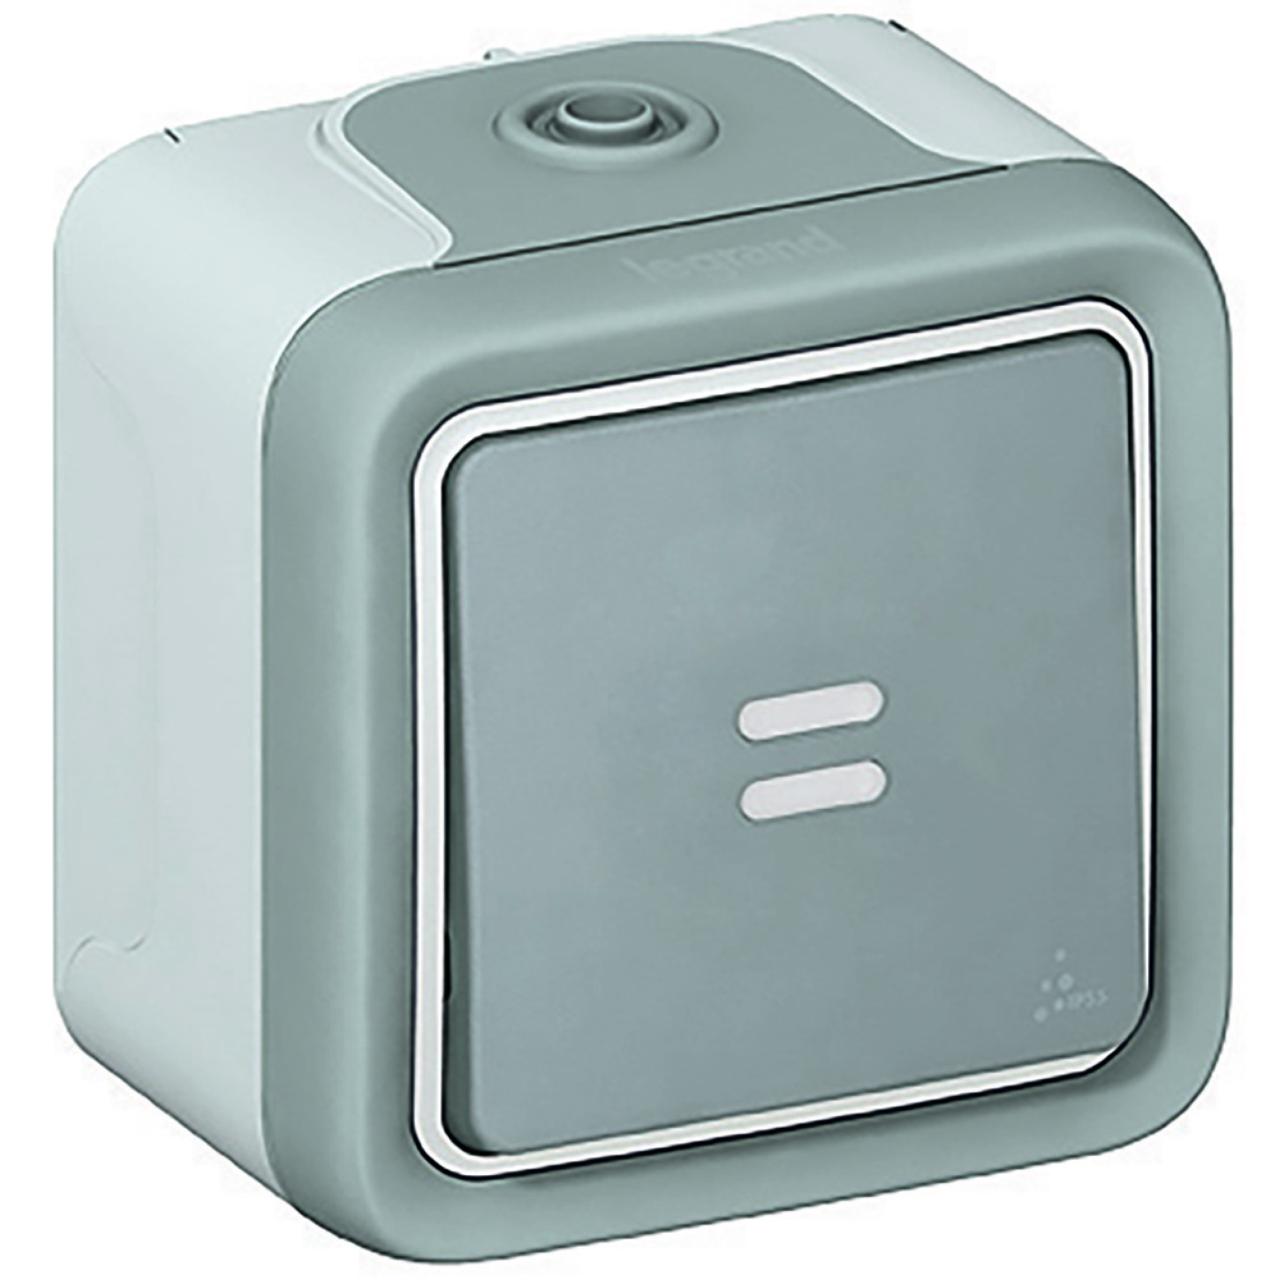 bouton poussoir lumineux legrand plexo 55 gris complet. Black Bedroom Furniture Sets. Home Design Ideas